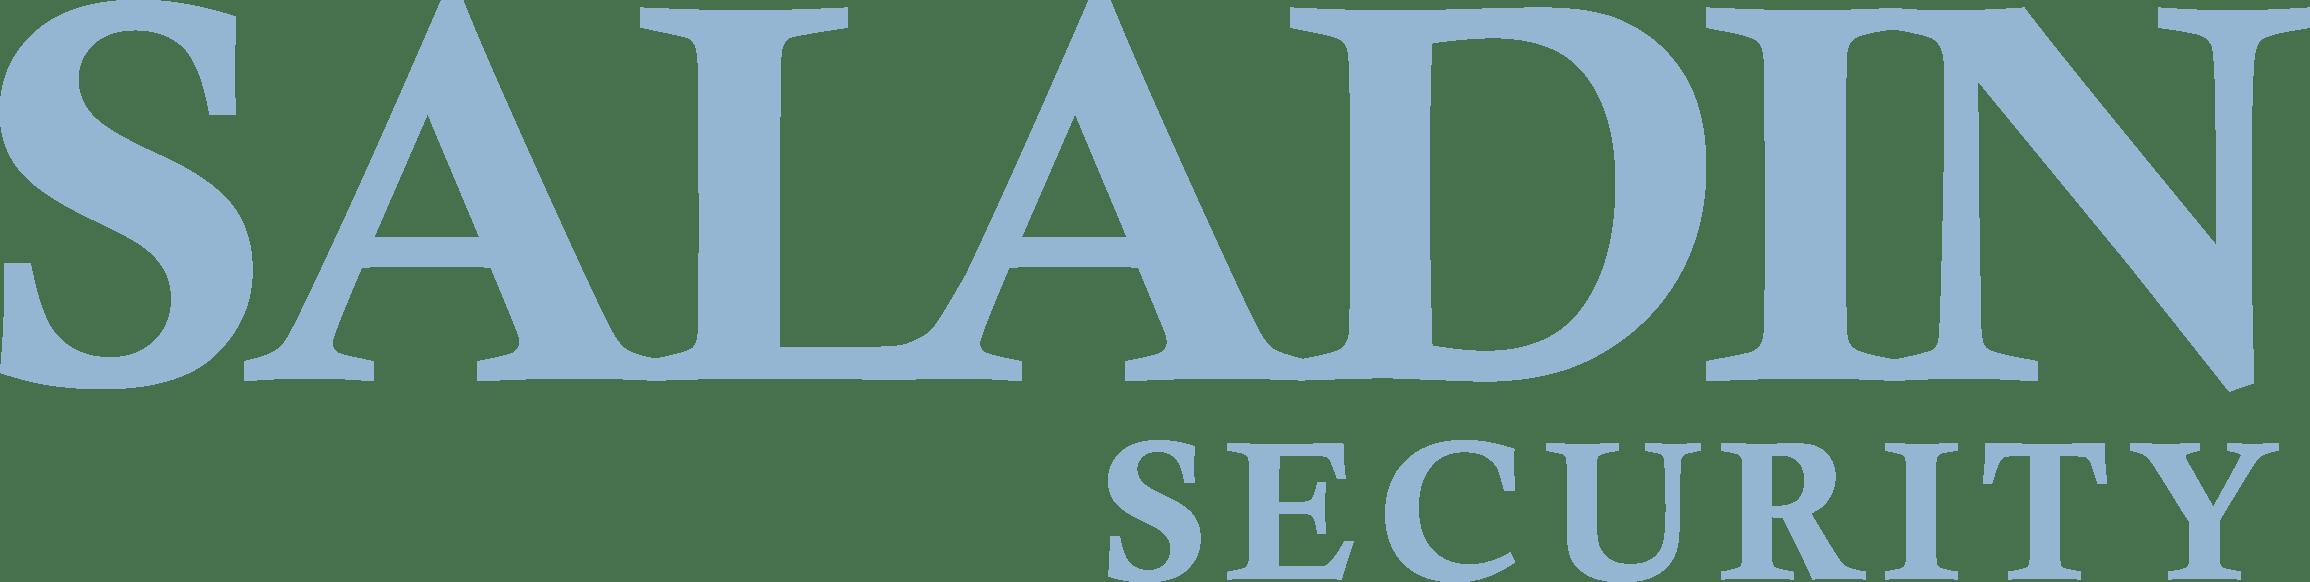 Saladin Security